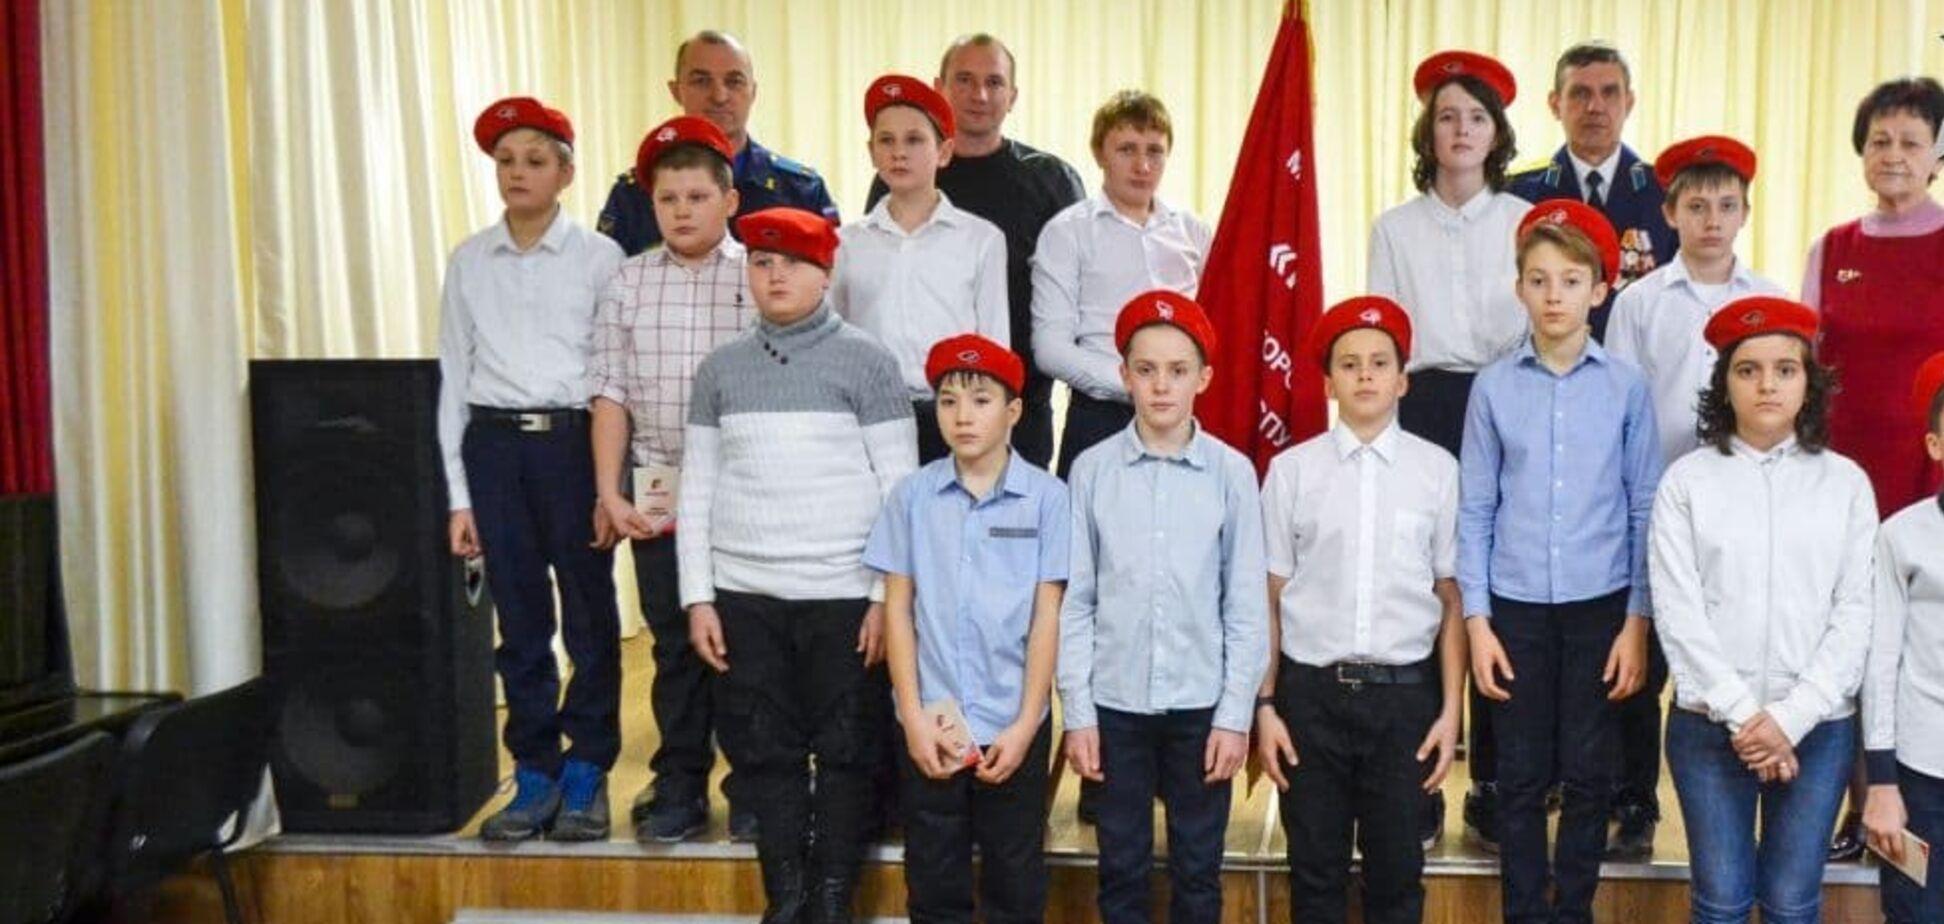 Посвячення дітей у Криму в 'Юнармію'